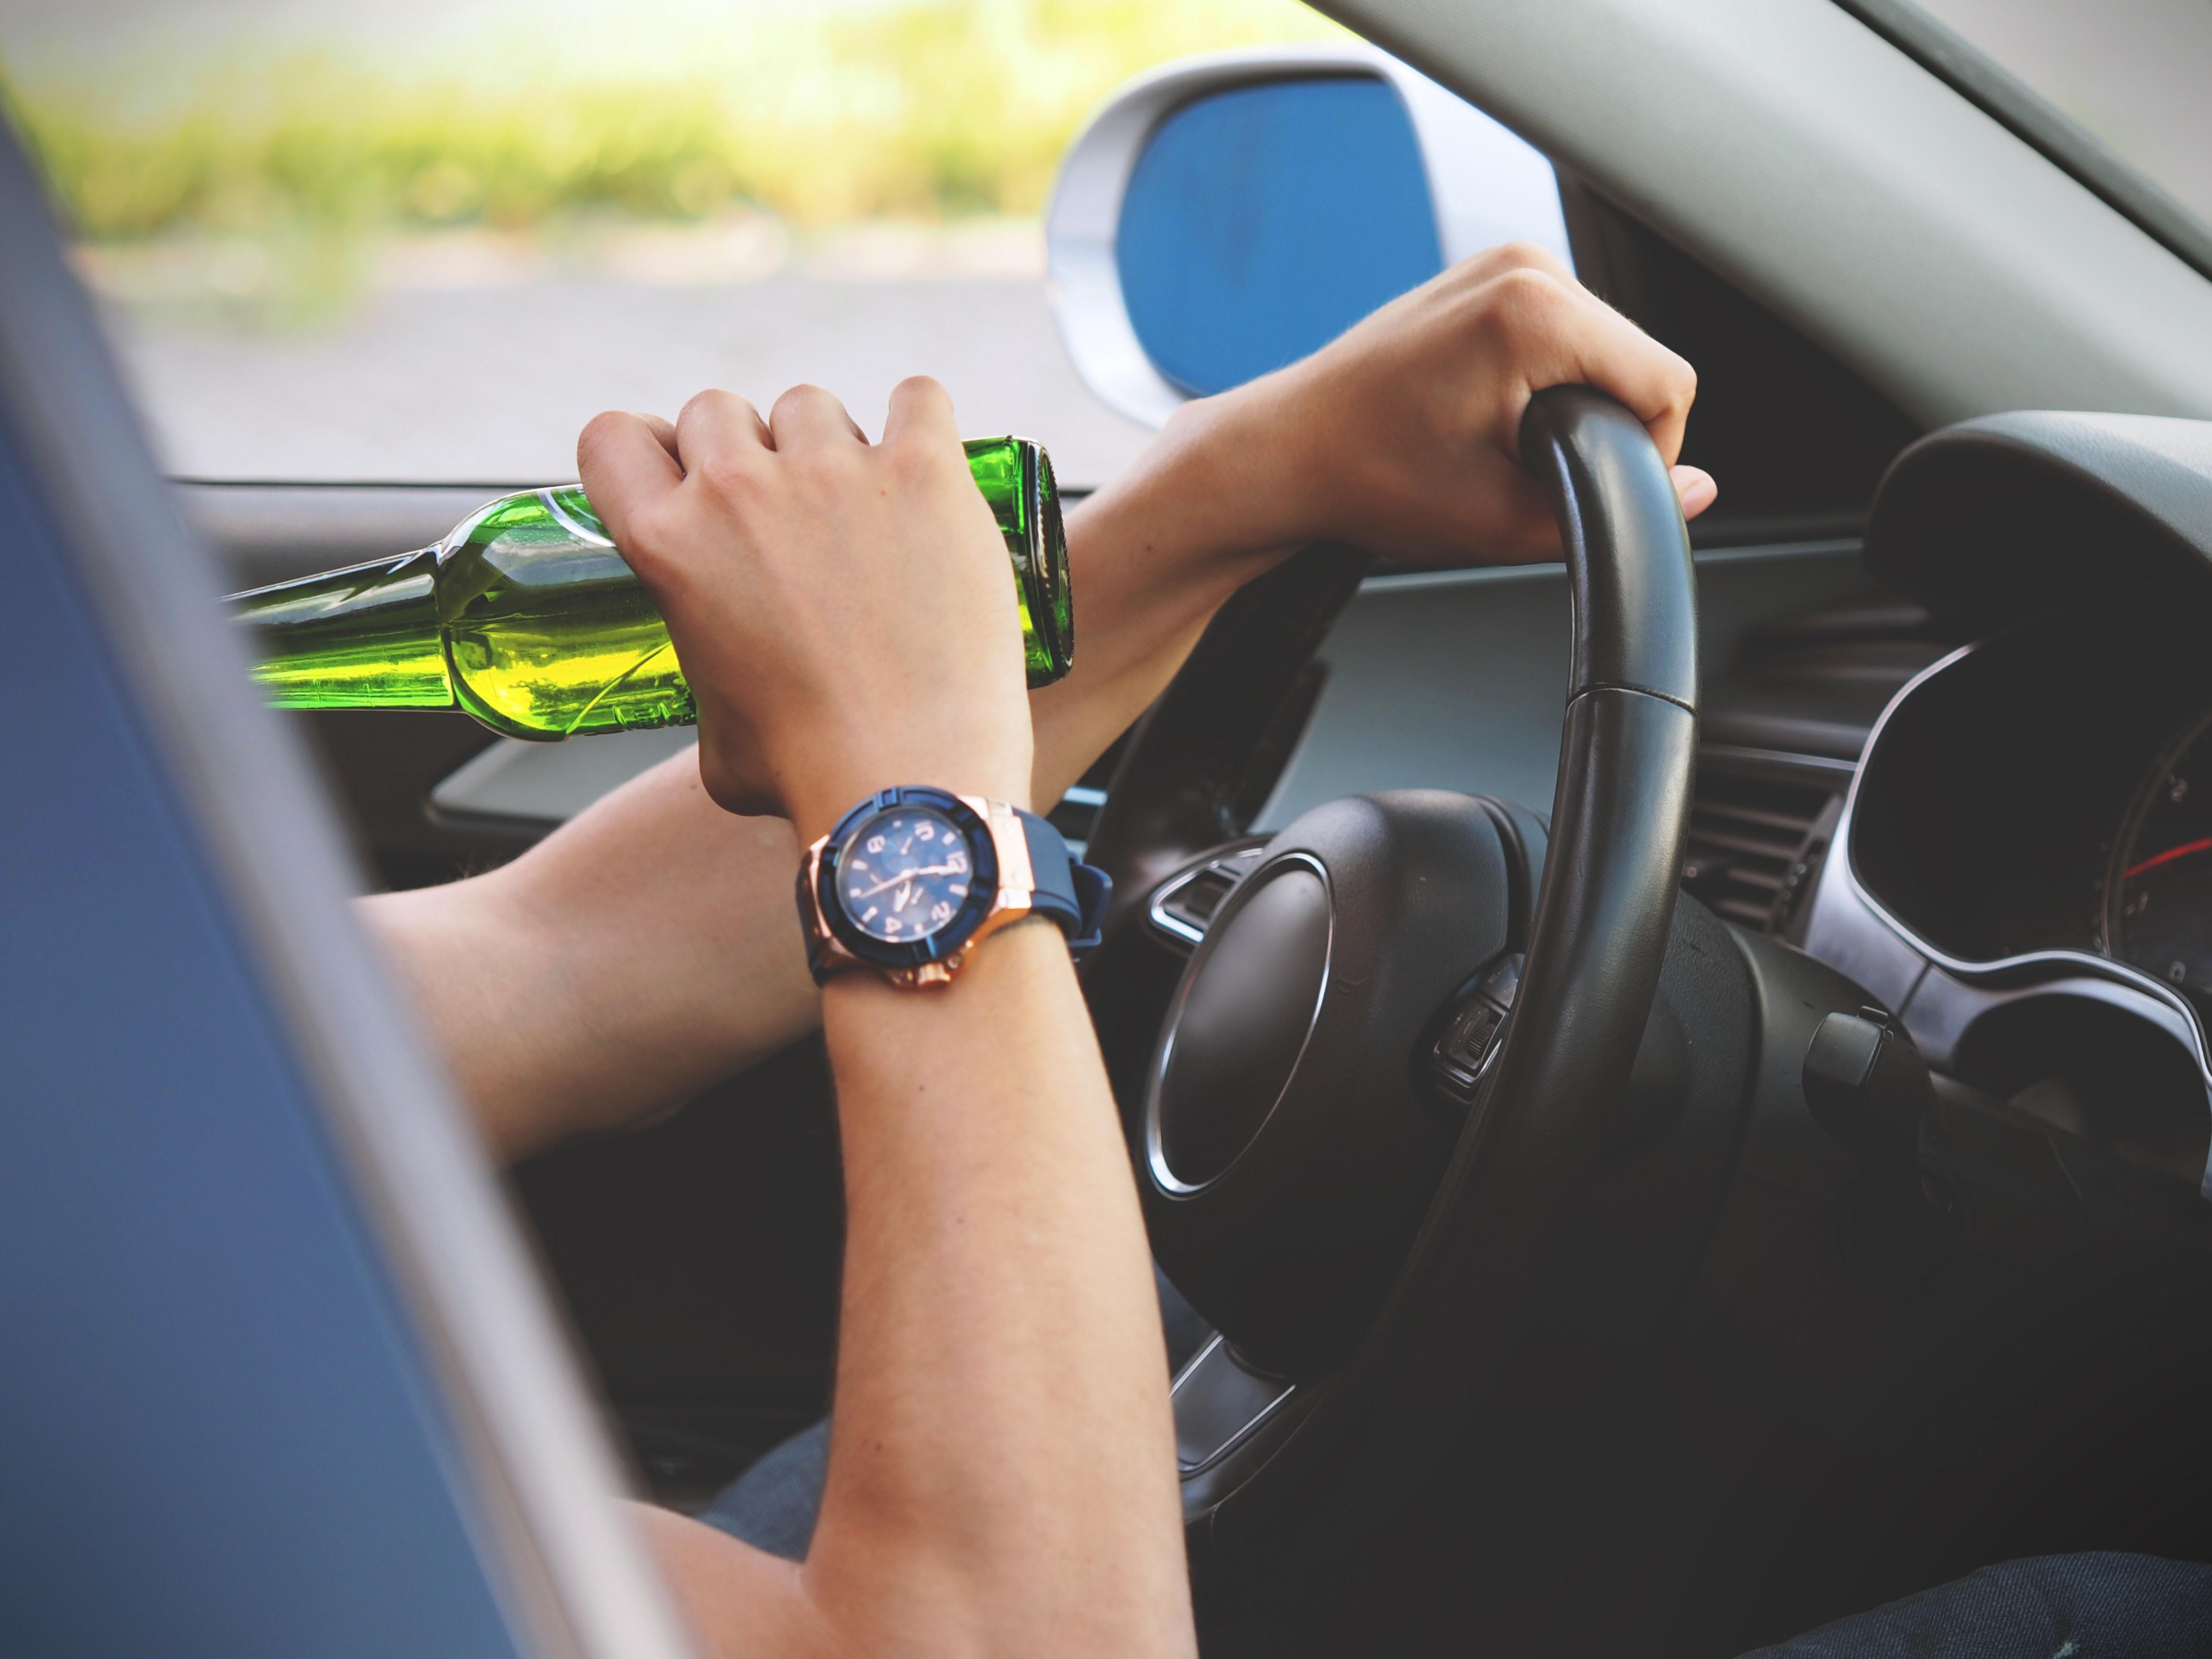 ▲酒駕,酒測值,喝酒,開車 。(圖/取自免費圖庫Pexels)